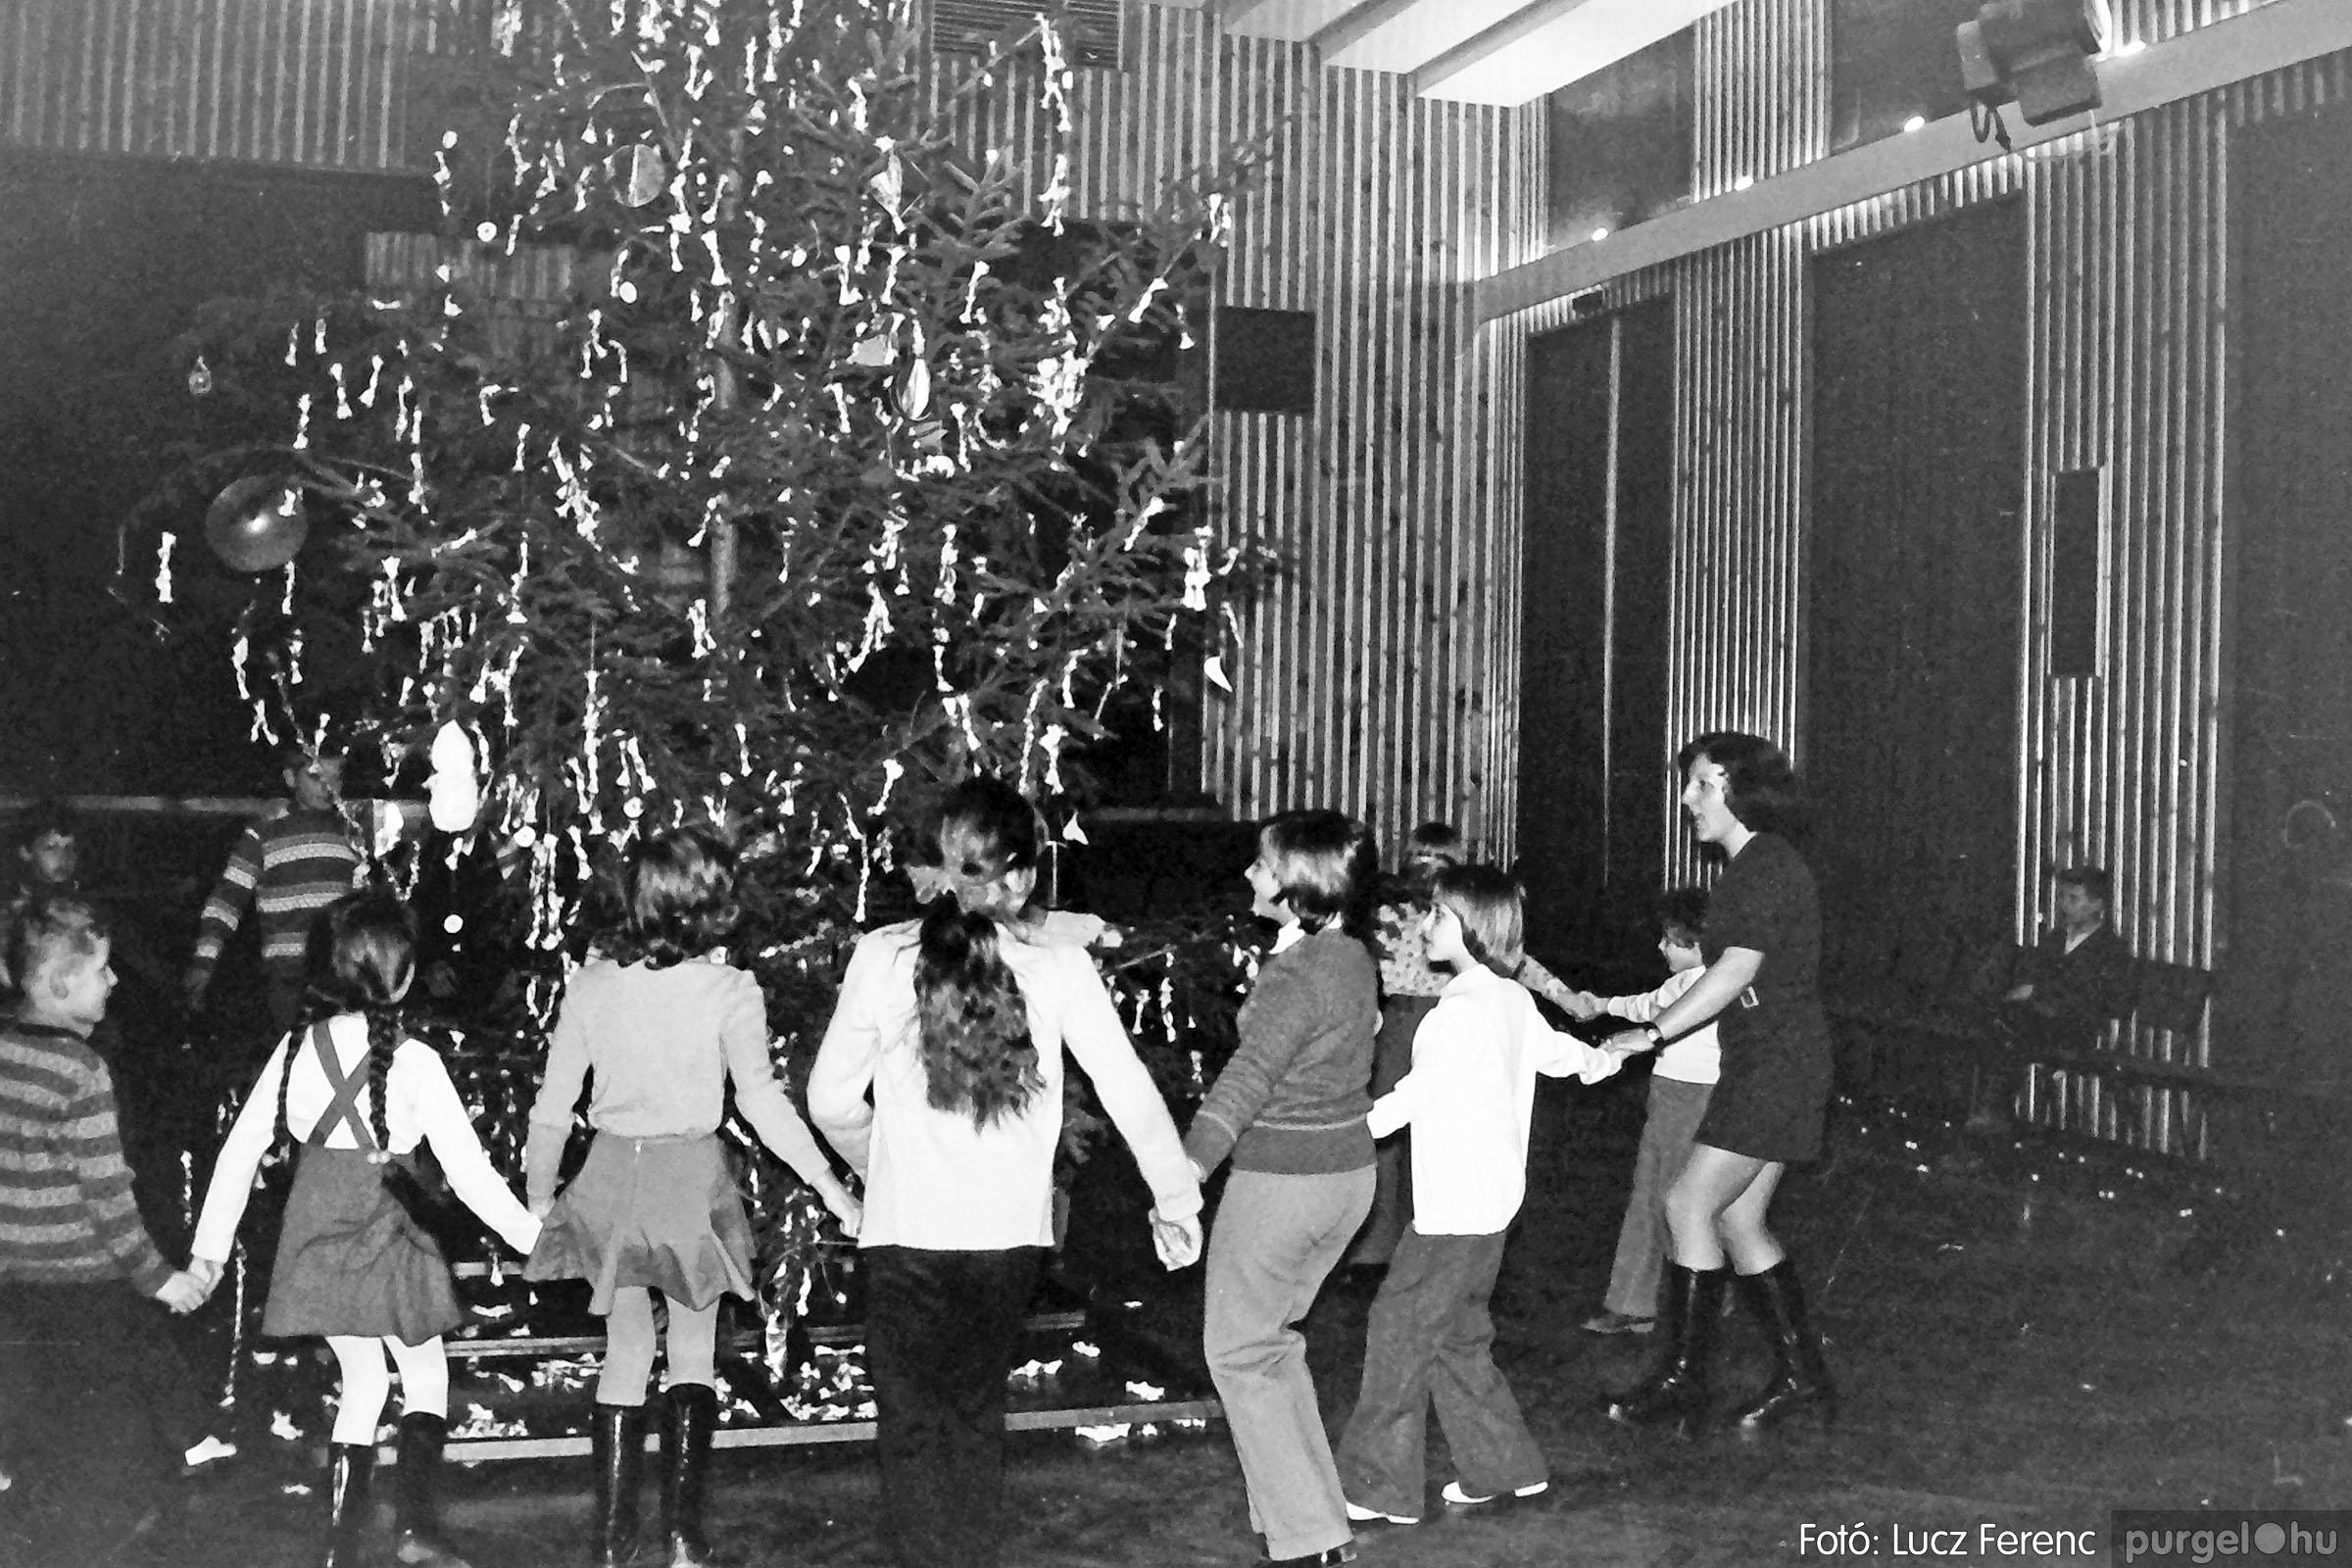 029 1975. Karácsonyi ünnepség a kultúrházban 009 - Fotó: Lucz Ferenc.jpg